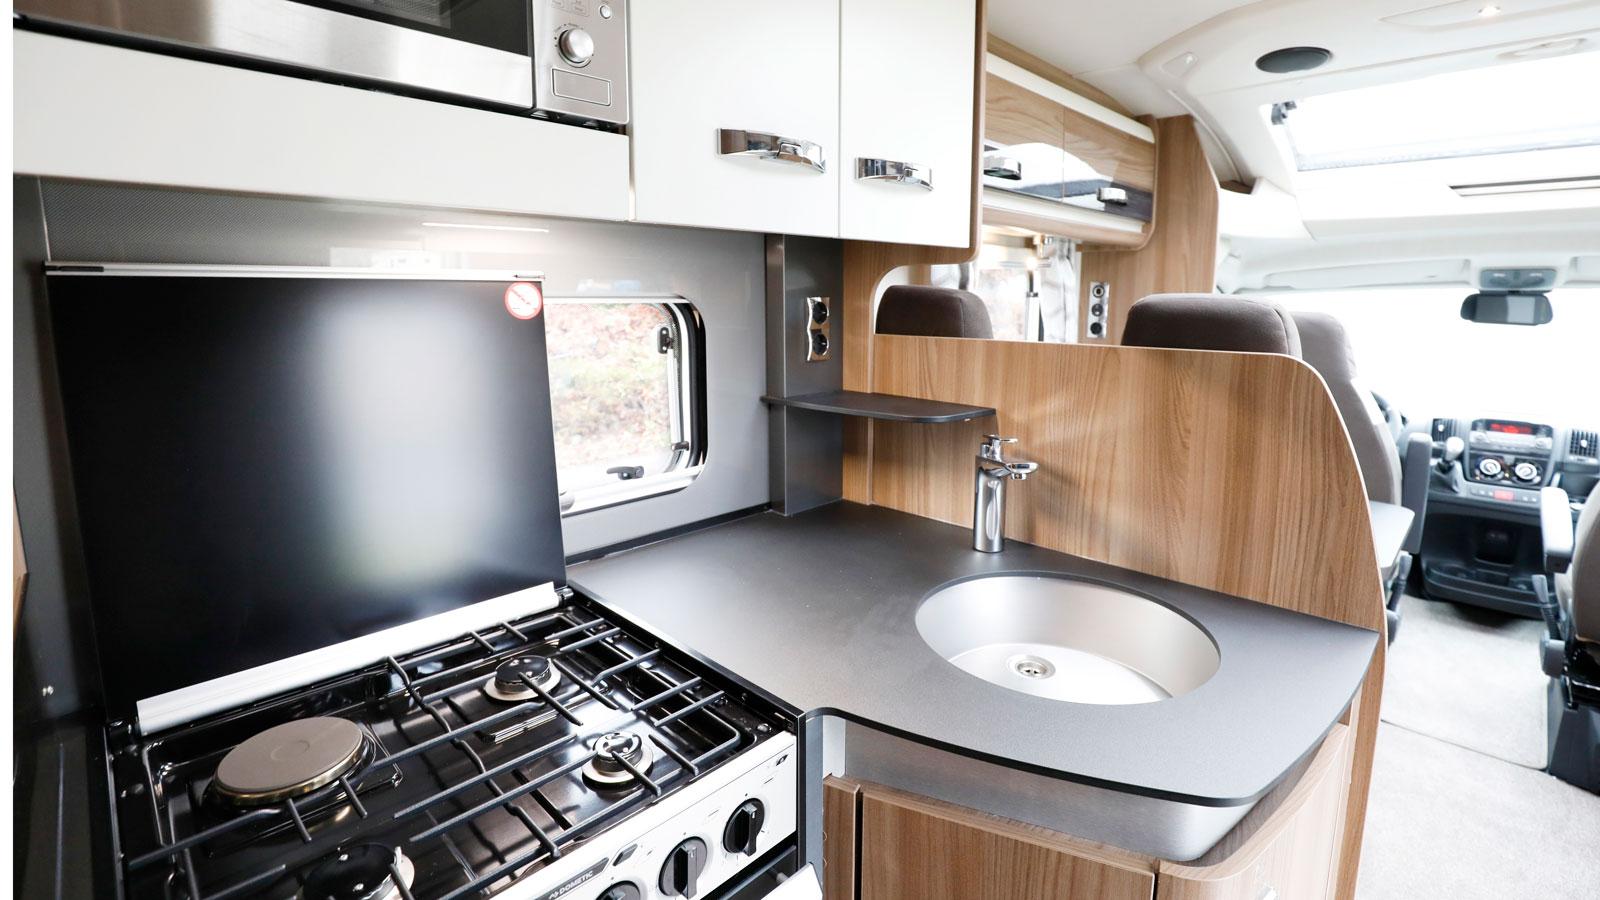 Det ljusa trevliga köket imponerar med utrymme och utrustning.